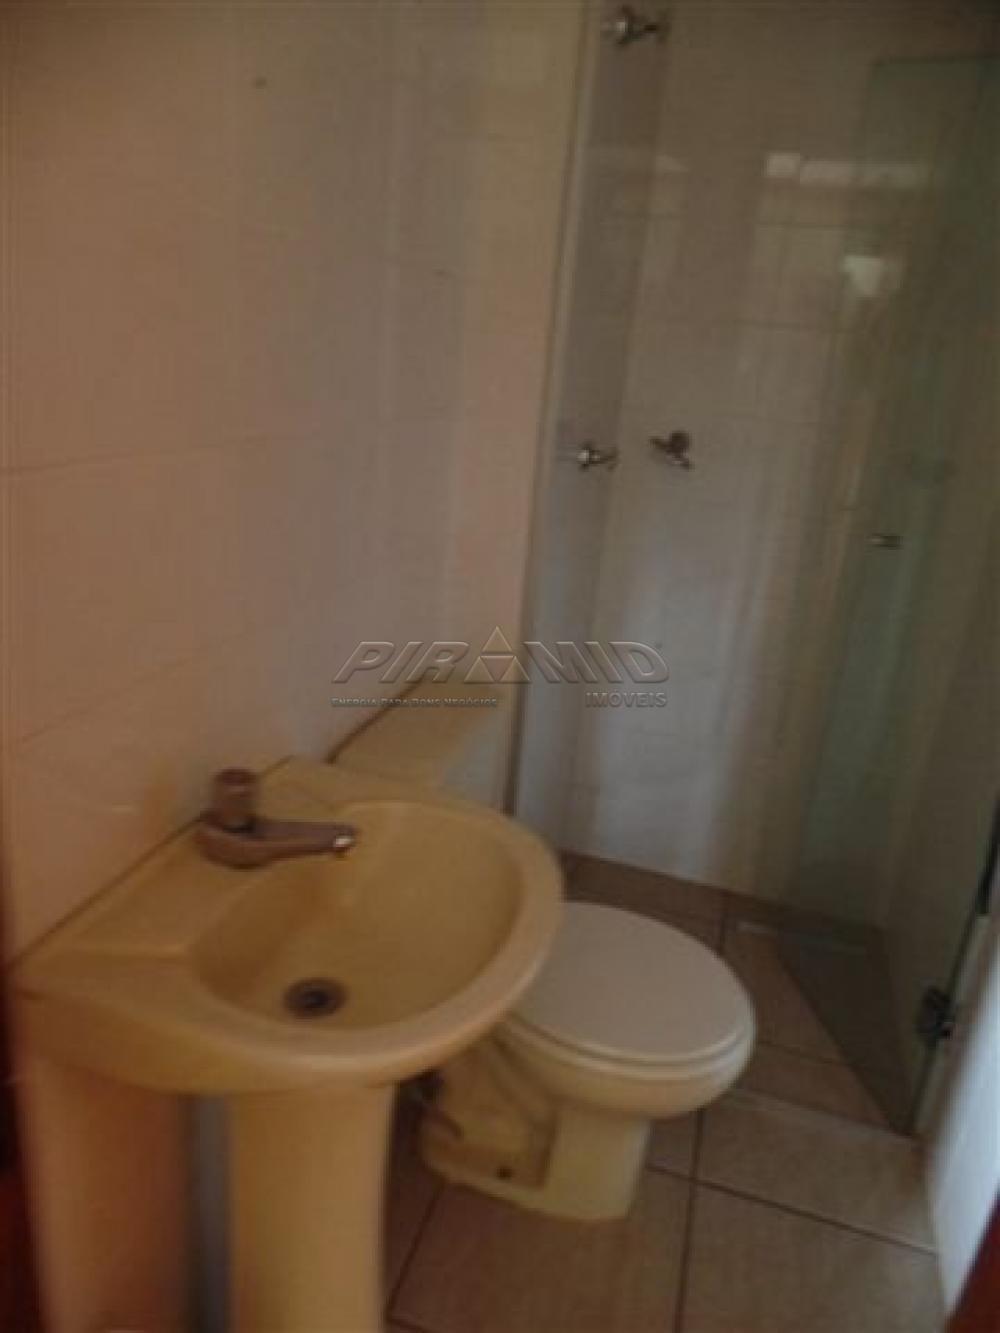 Comprar Apartamento / Padrão em Ribeirão Preto apenas R$ 620.000,00 - Foto 2